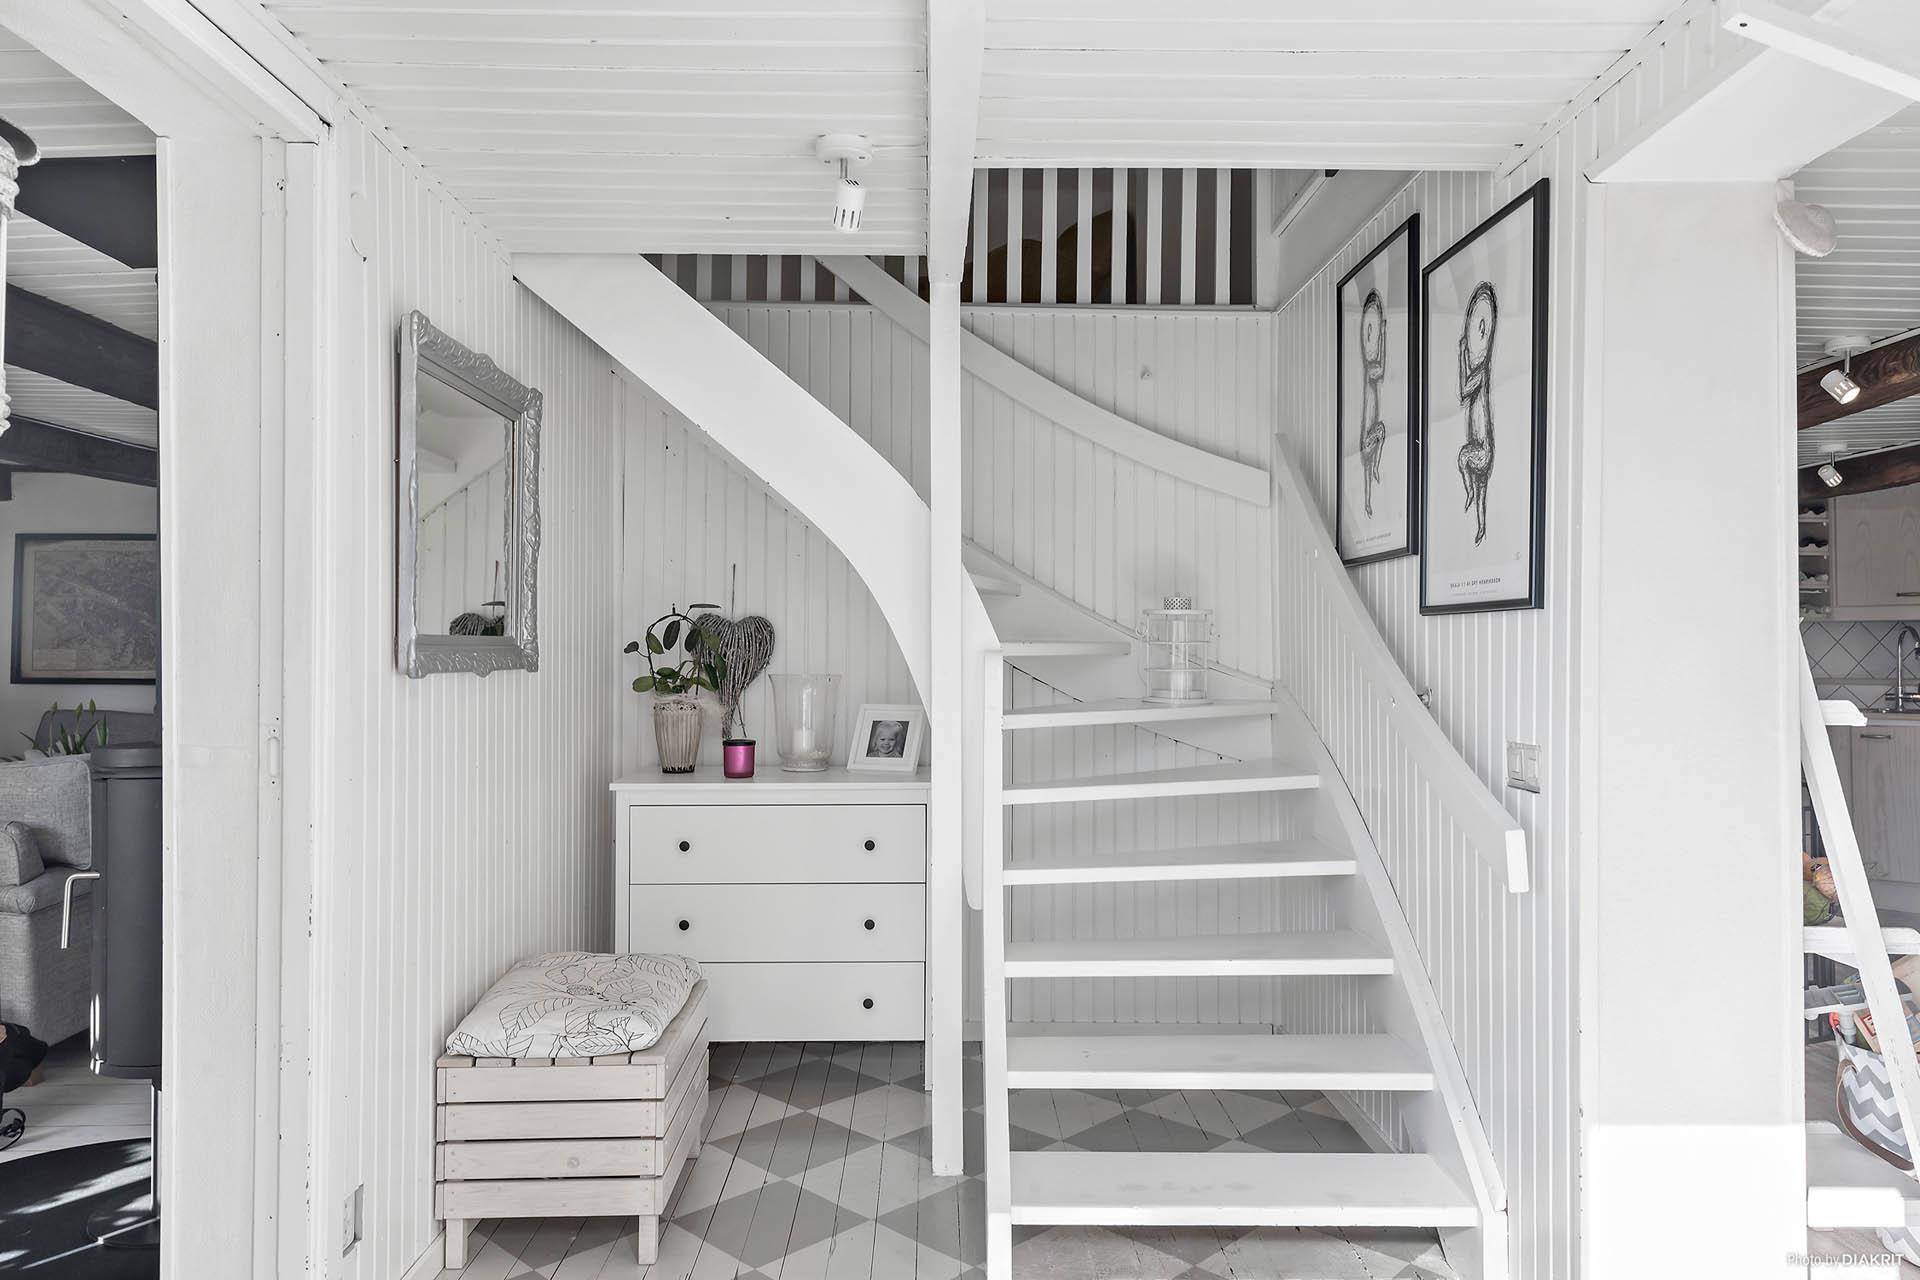 Söt hall med målat brädgolv i grå och vita rutor ger ett välkommet intryck. Här finner vi även trappan upp. Kök till höger och vardagsrum till vänster.